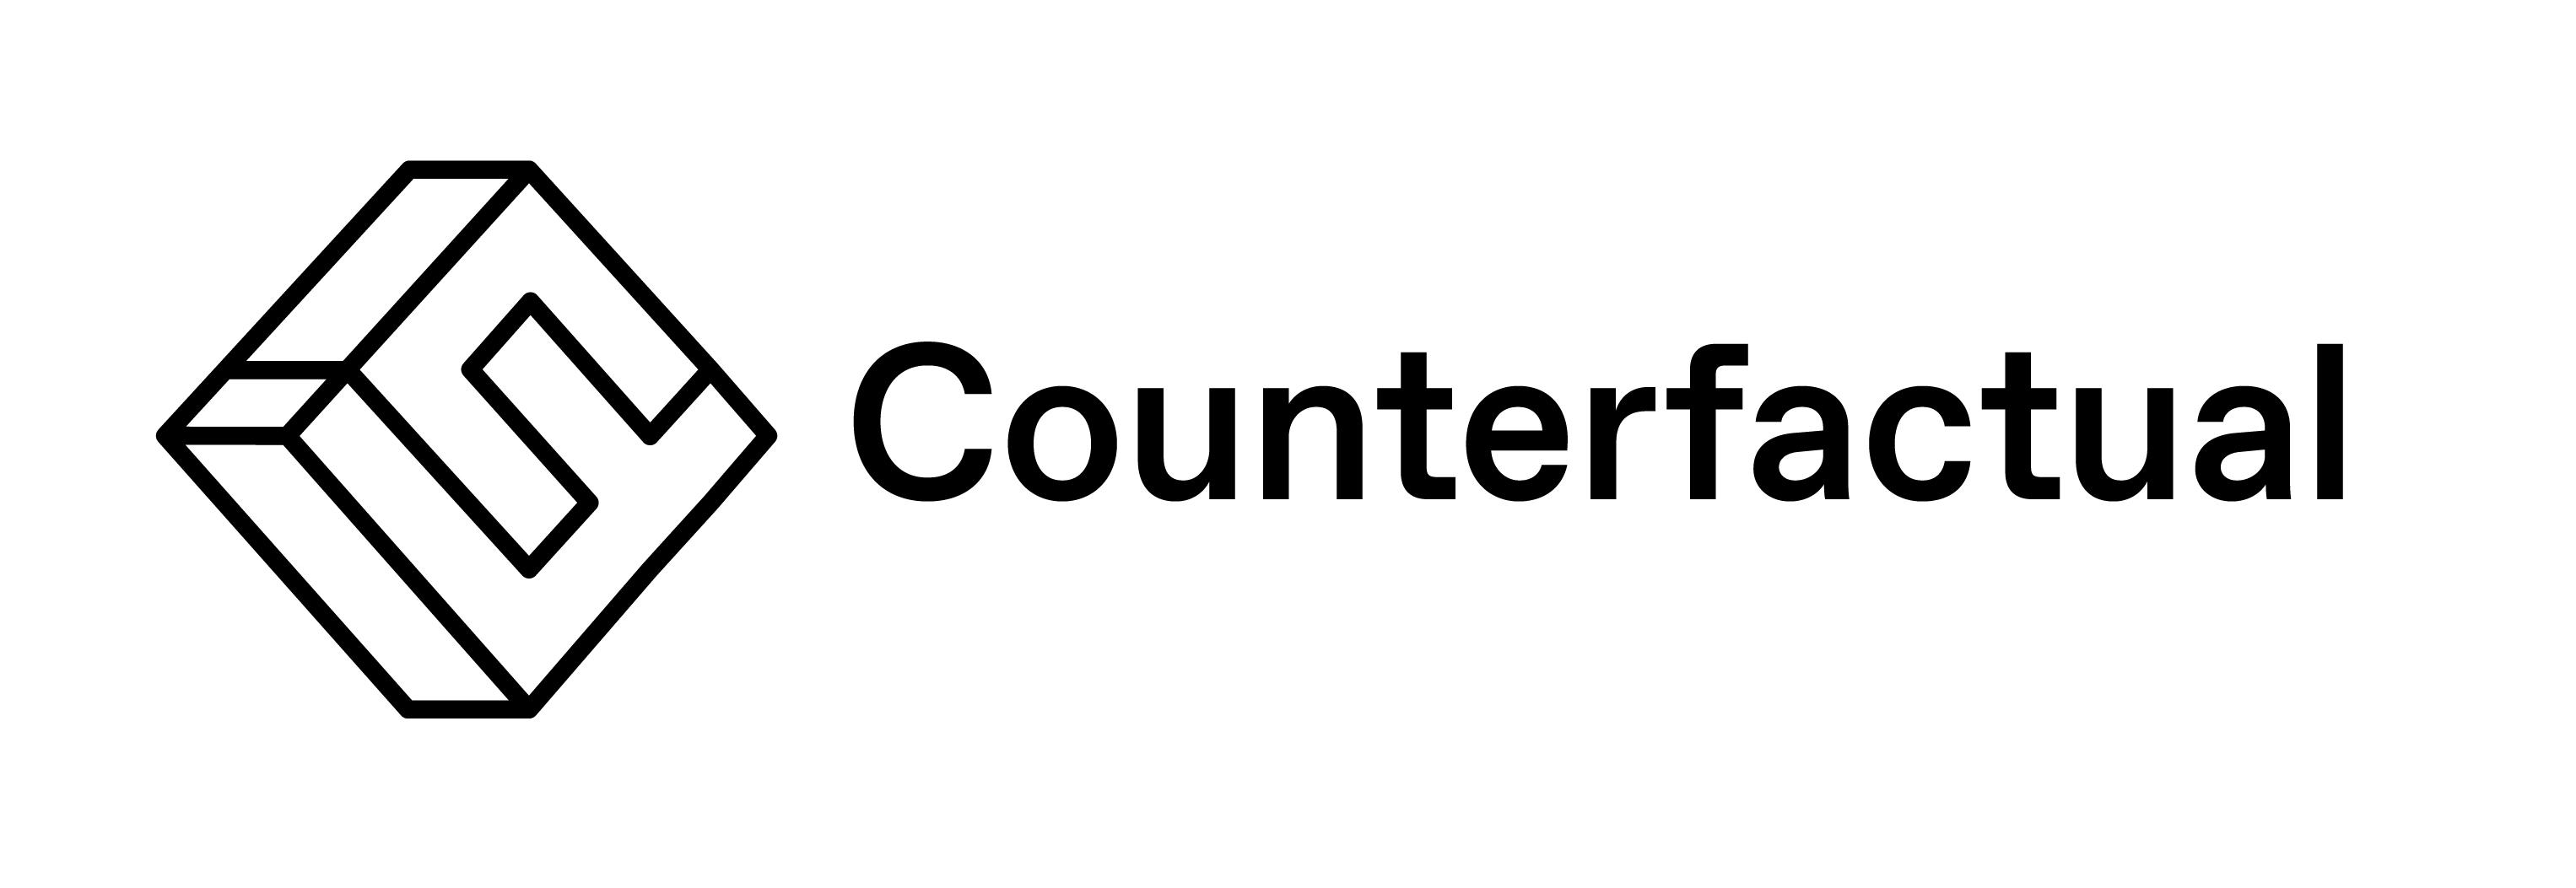 Counterfactual Ventures Company Logo